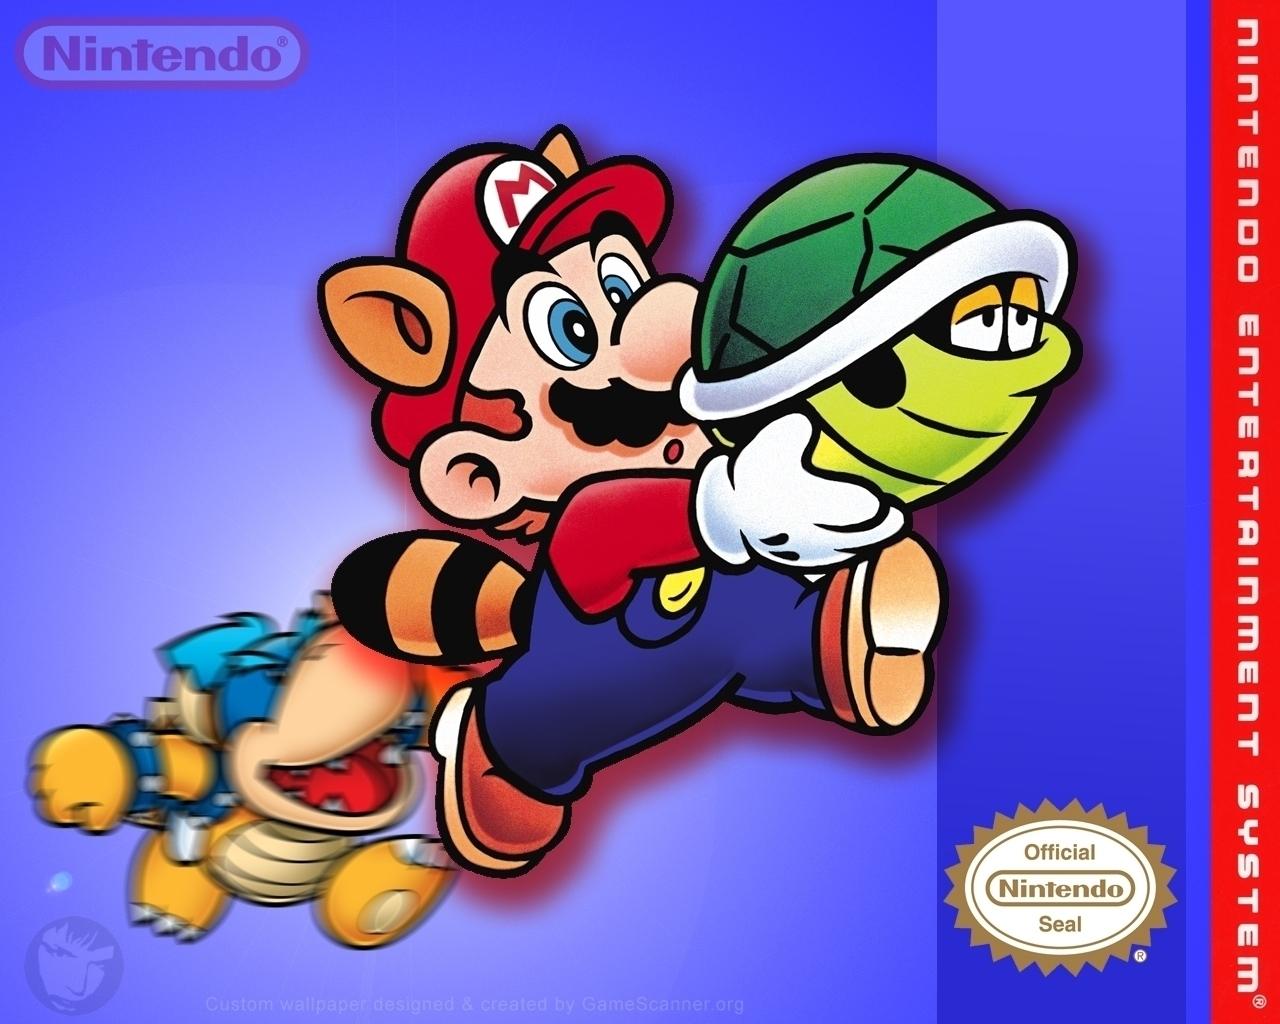 Super Mario 3 Super Mario Bros 3 Wallpaper 5612964 Fanpop